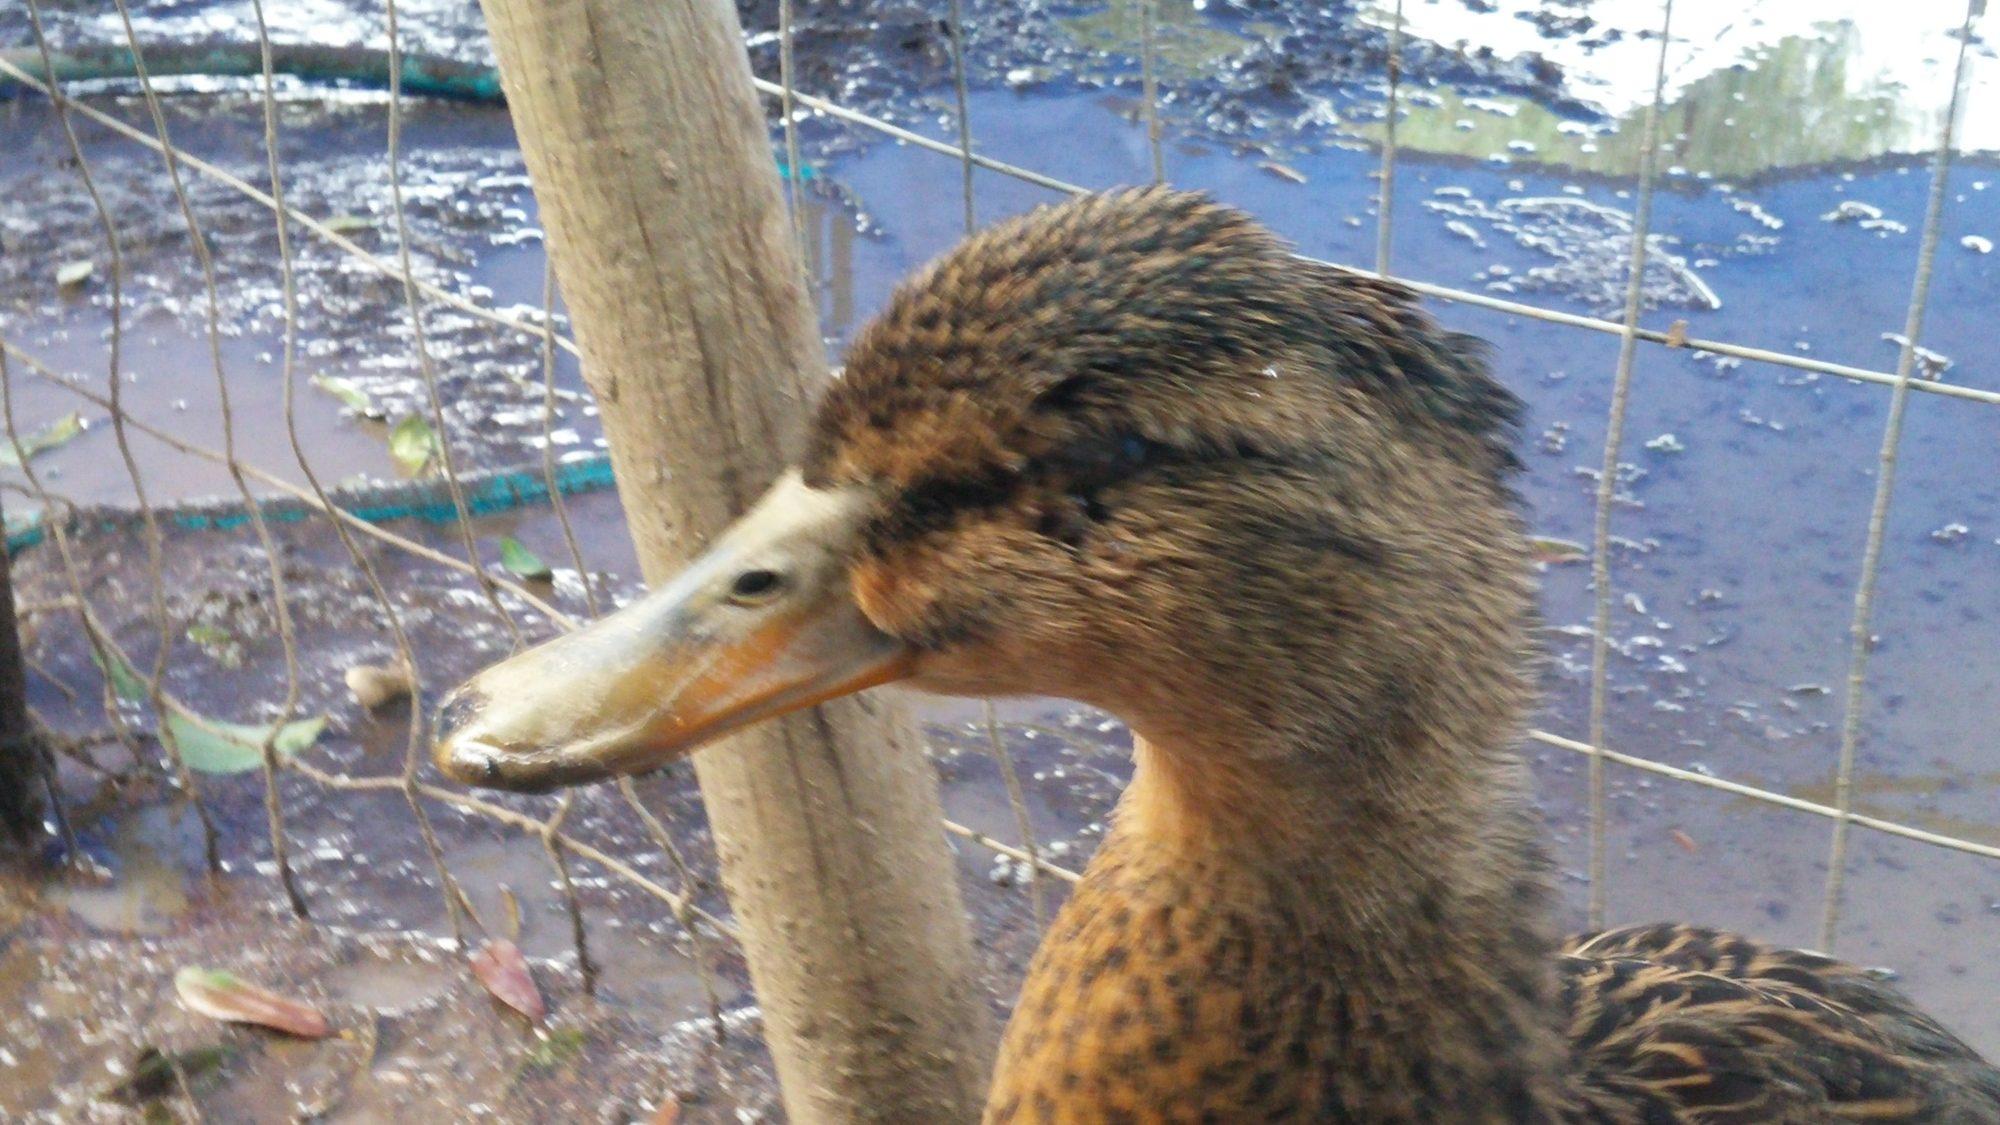 My. Duck wont open its eye